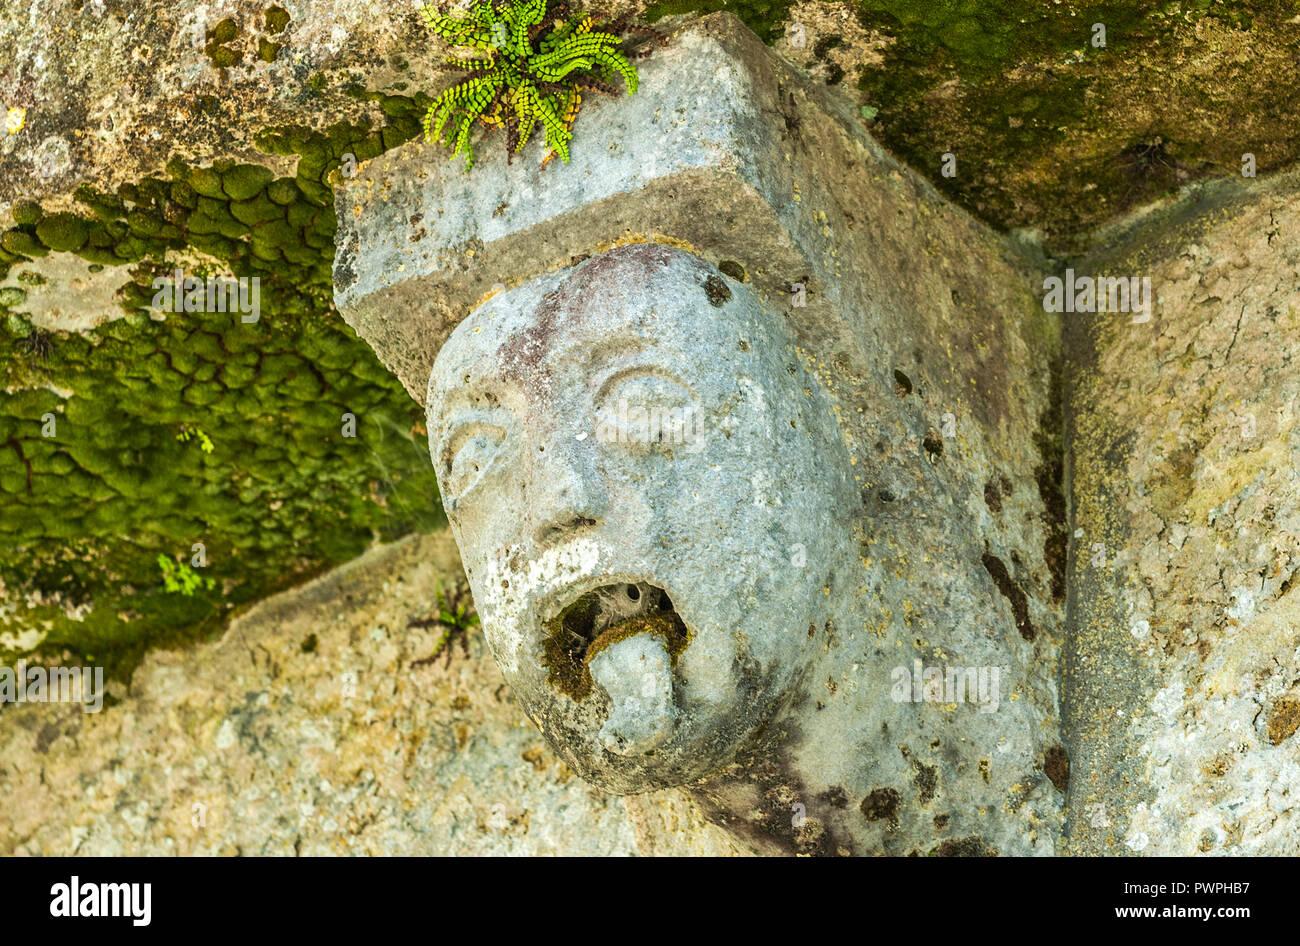 France, Gironde, vallée de l'Isle, Guïtres, Abbatiale Notre-Dame, tête d'homme tirant la langue, d'un modillon extérieur - Stock Image